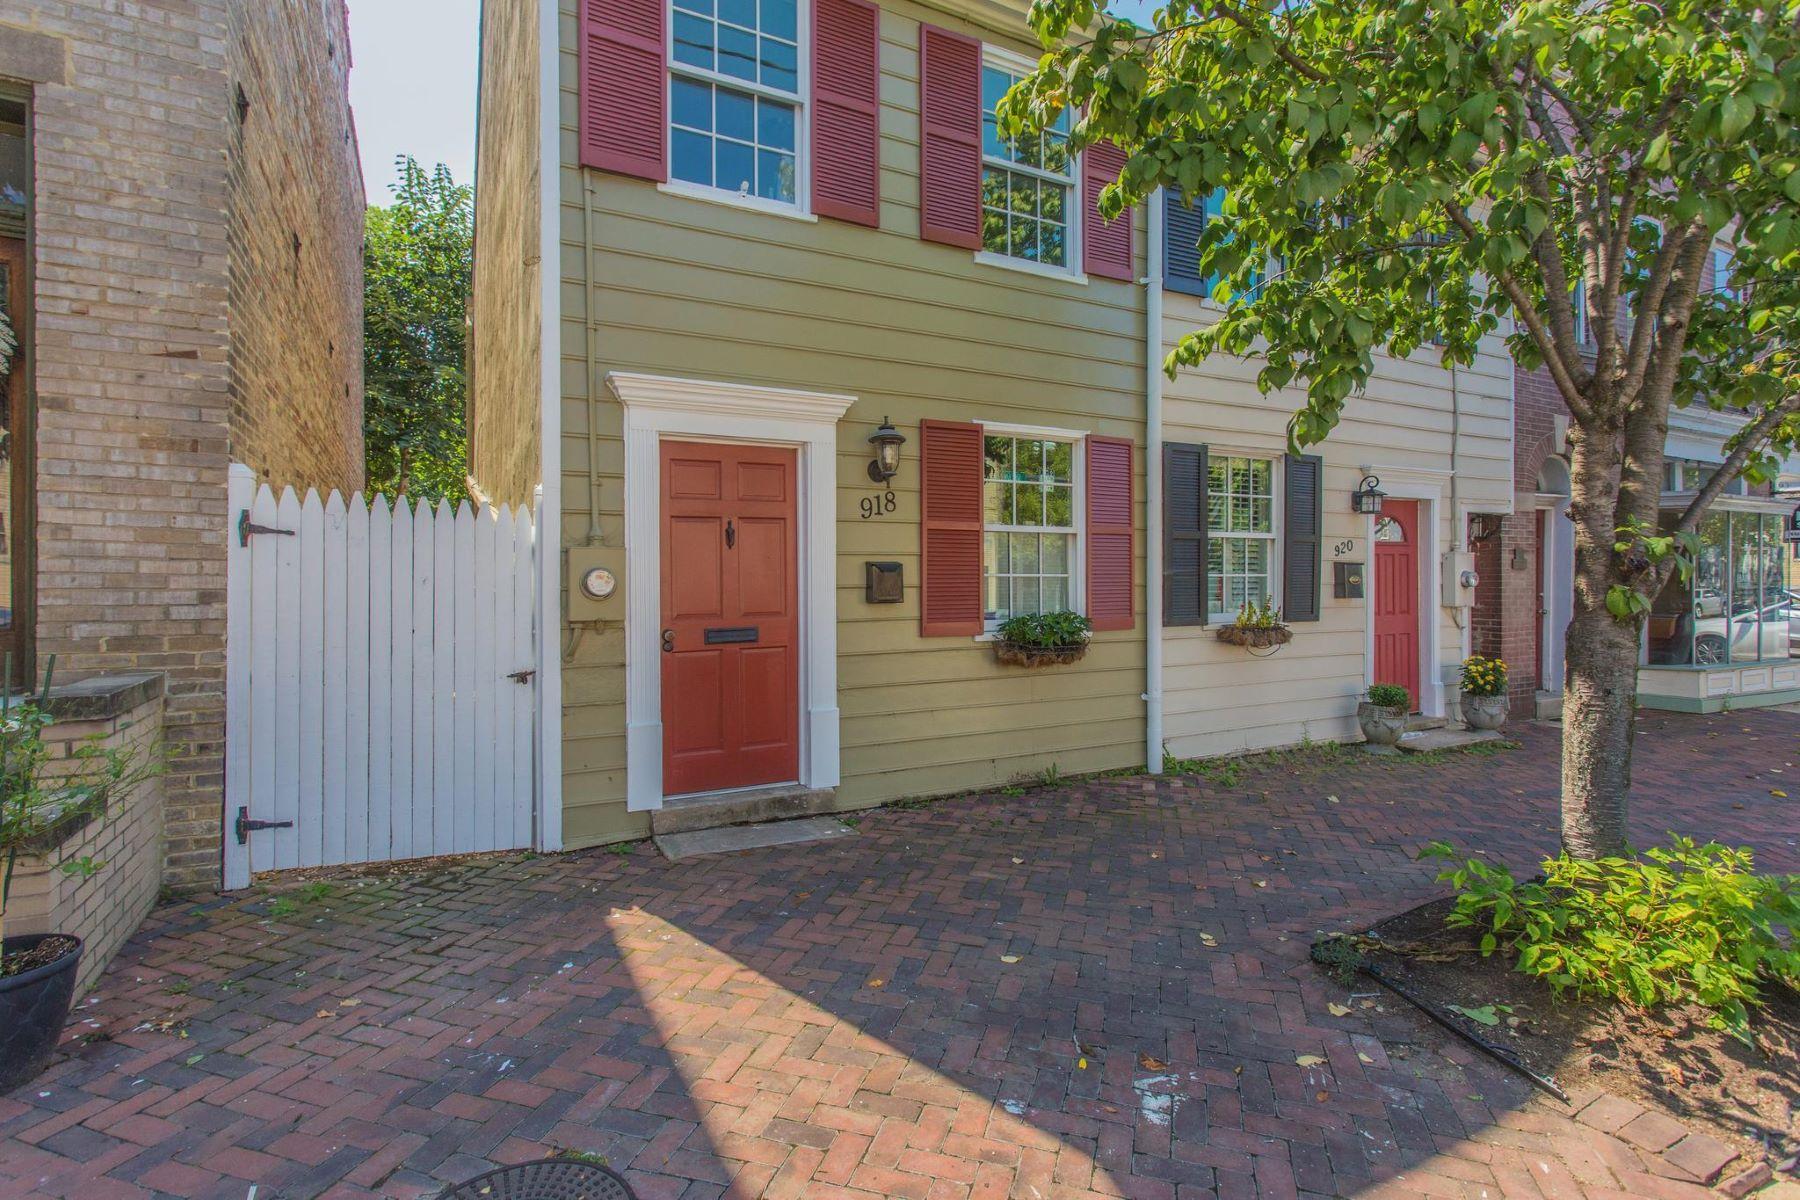 独户住宅 为 销售 在 918 Queen St 918 Queen St 亚历山大港, 弗吉尼亚州 22314 美国